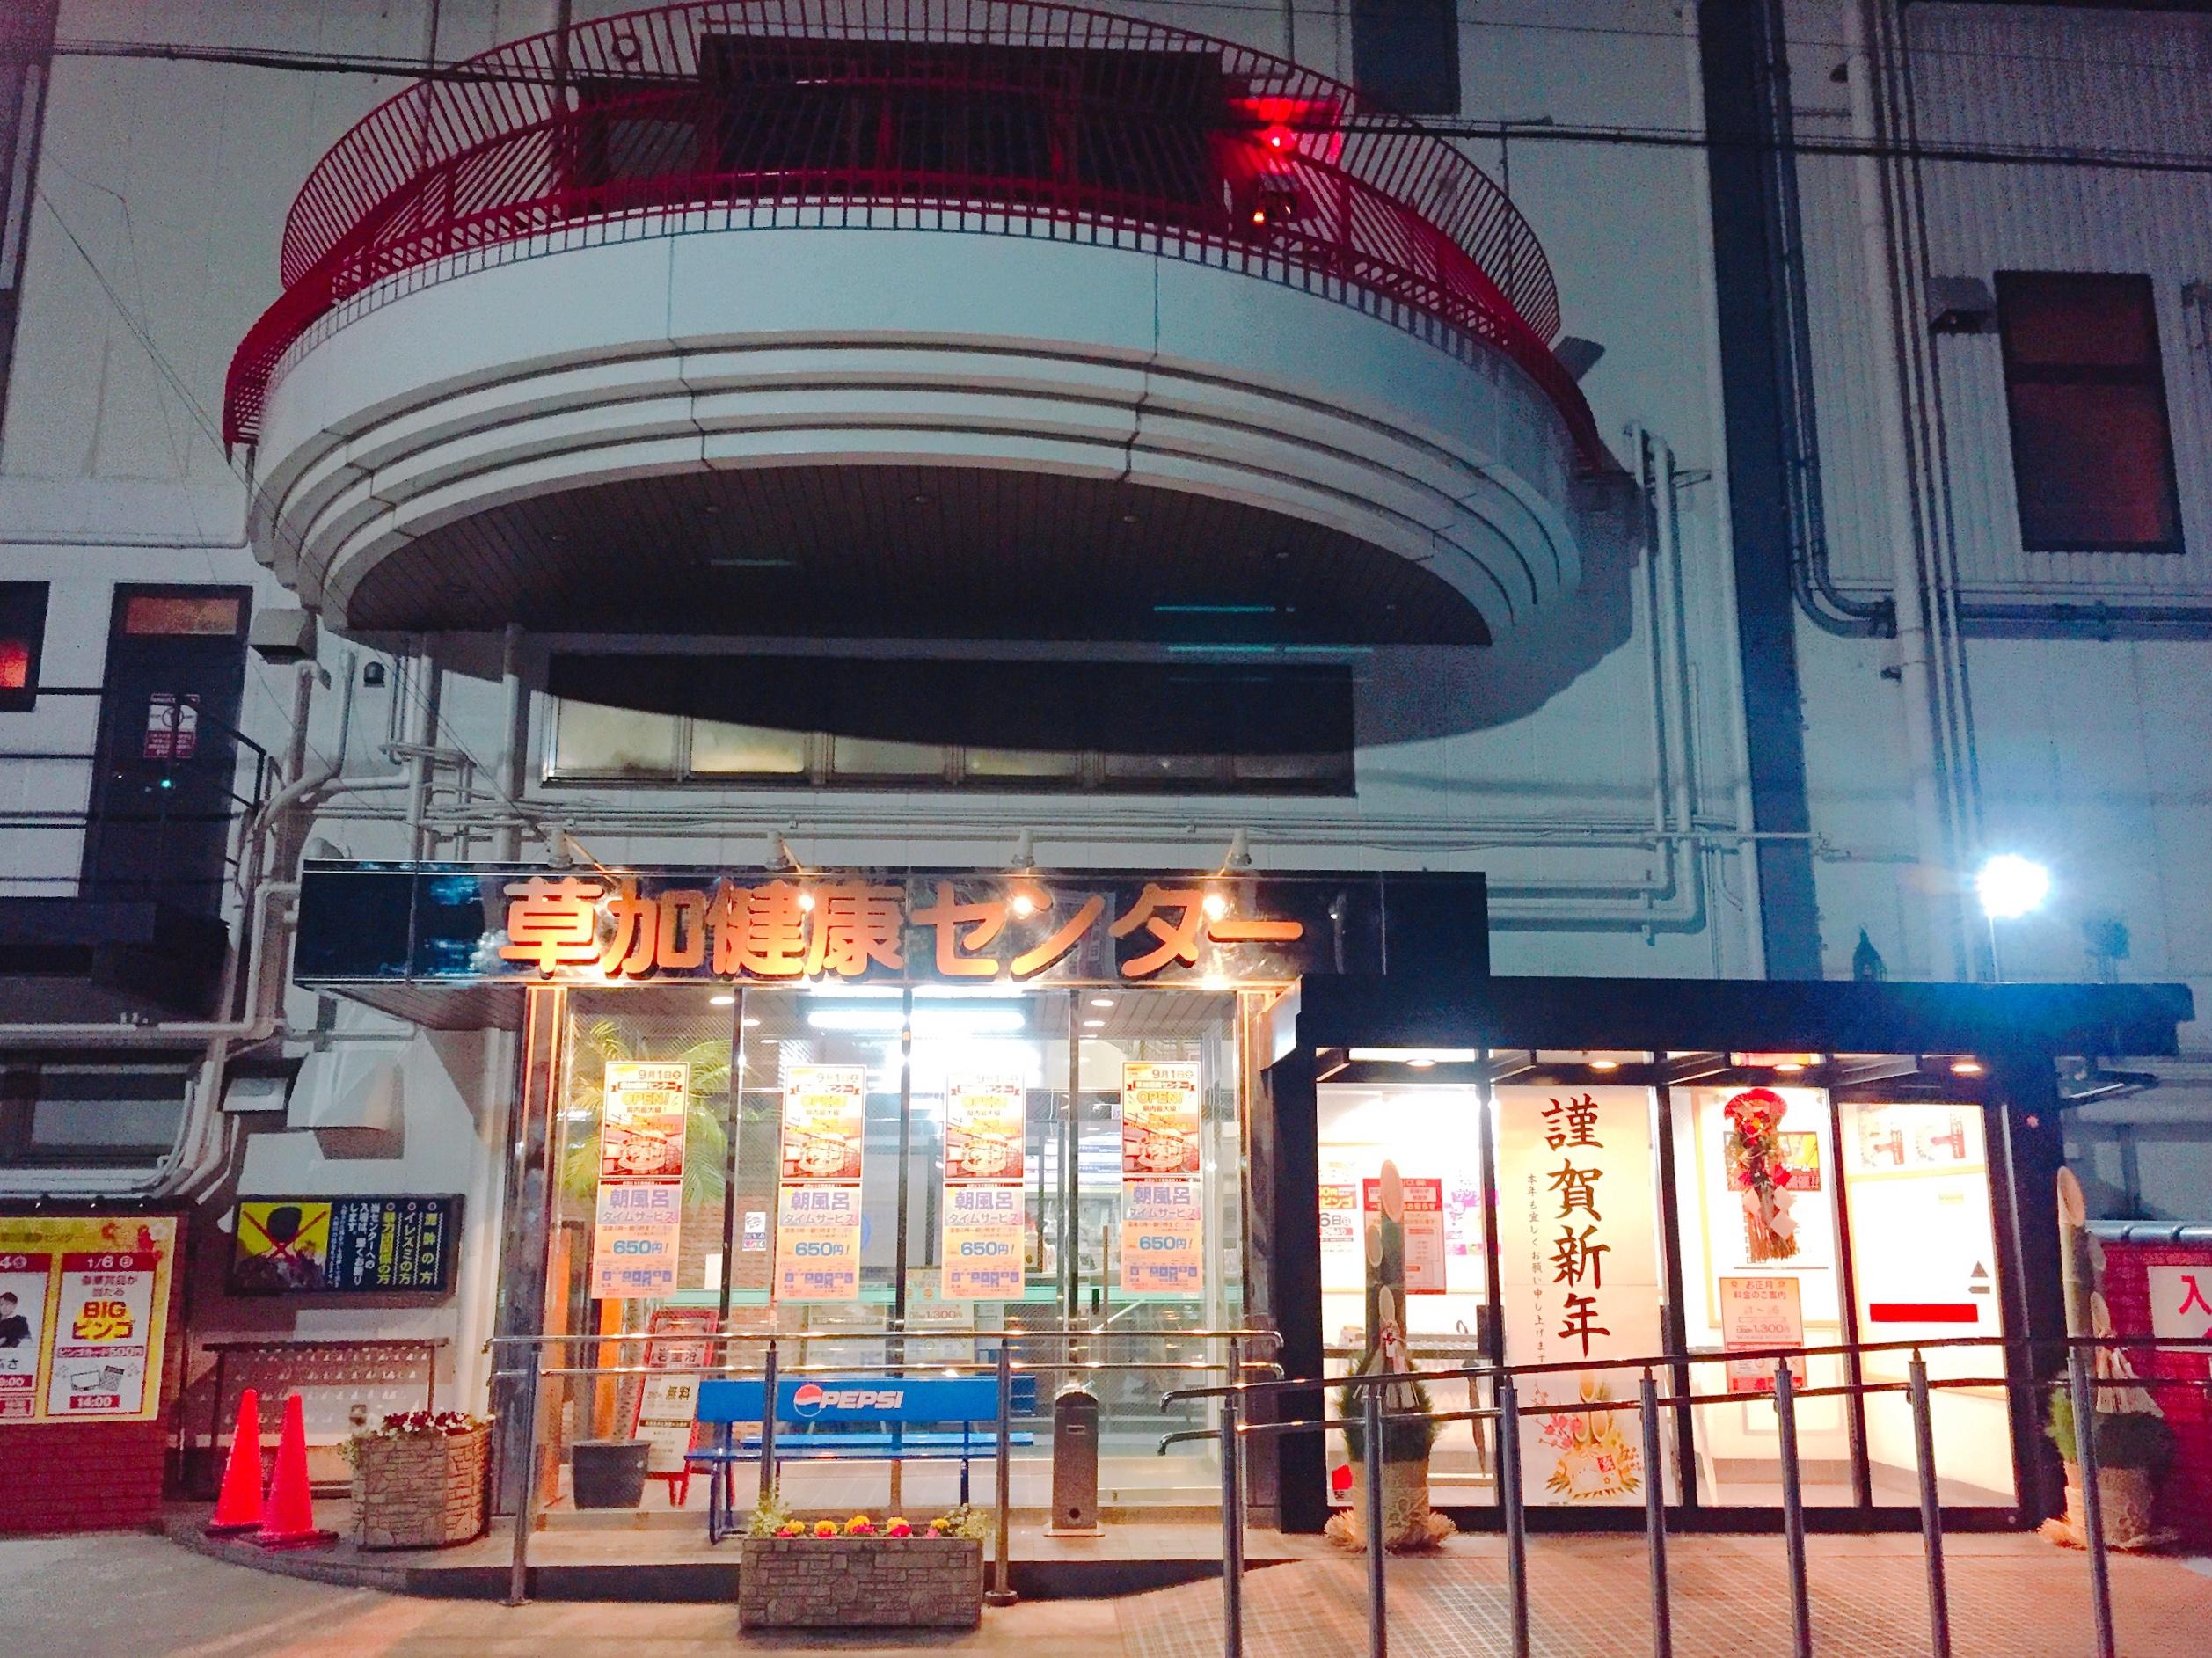 草加健康センター@湯乃泉のサウナ&水風呂に激ハマり!